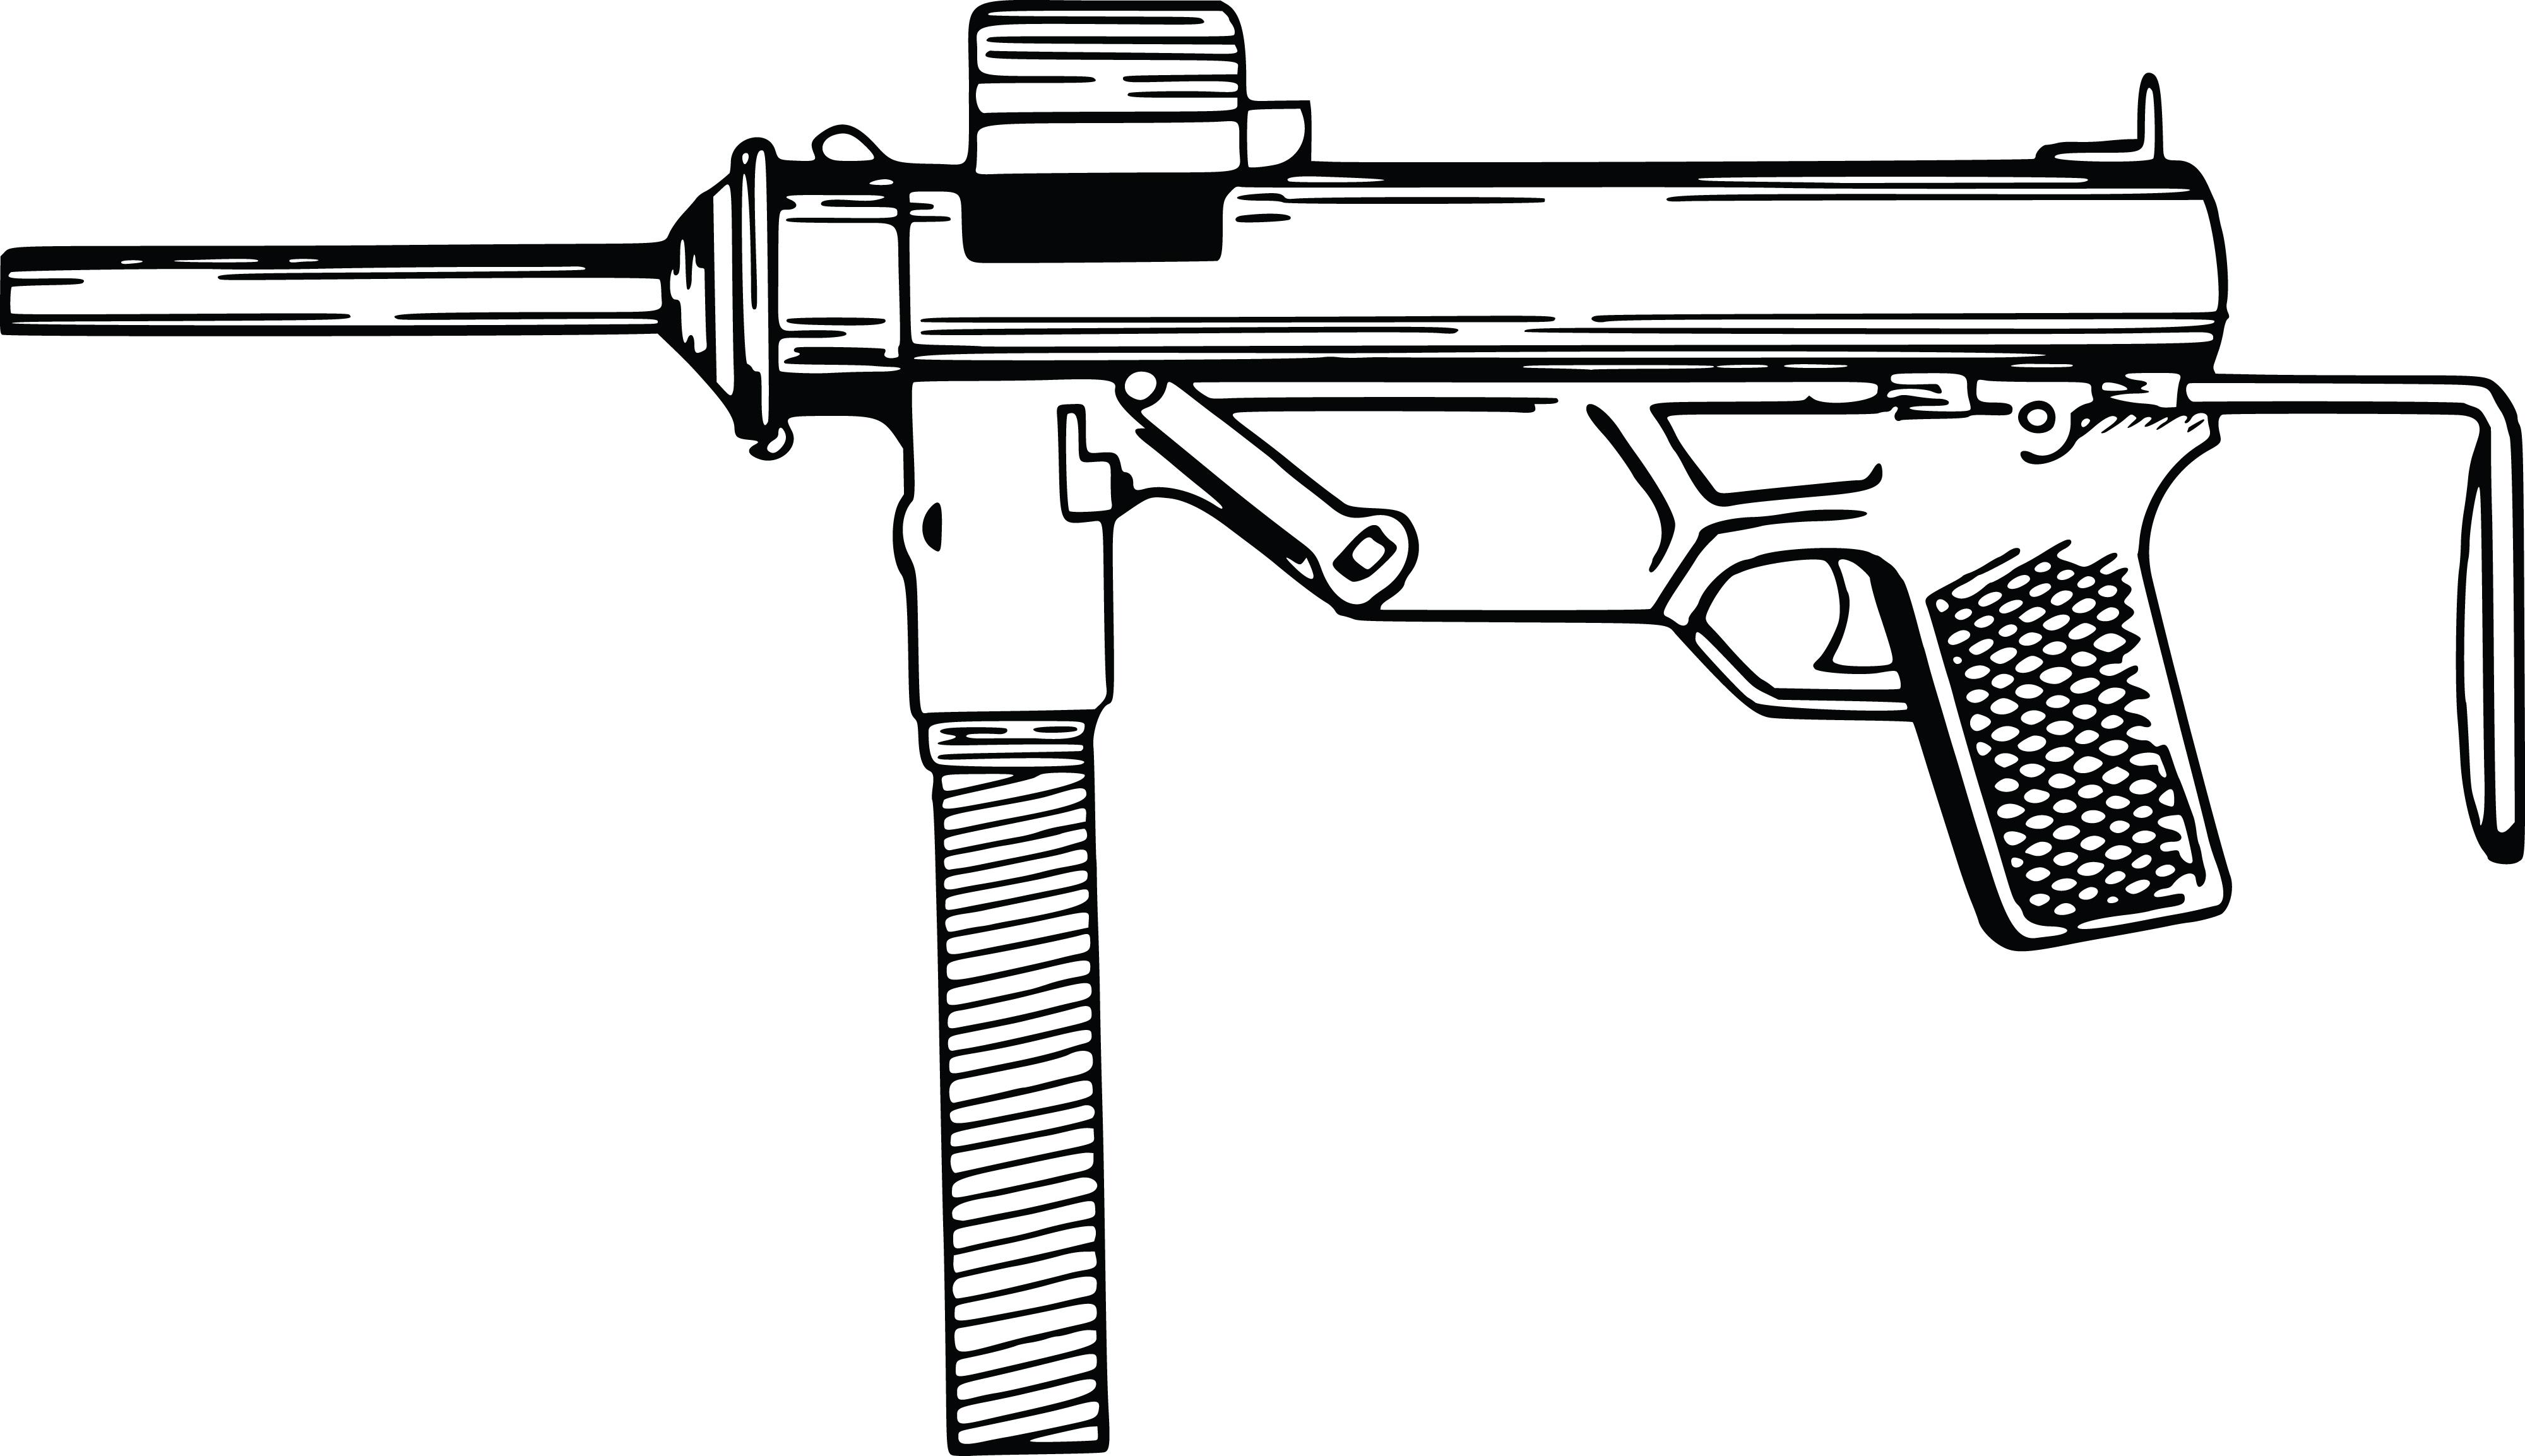 a red gun